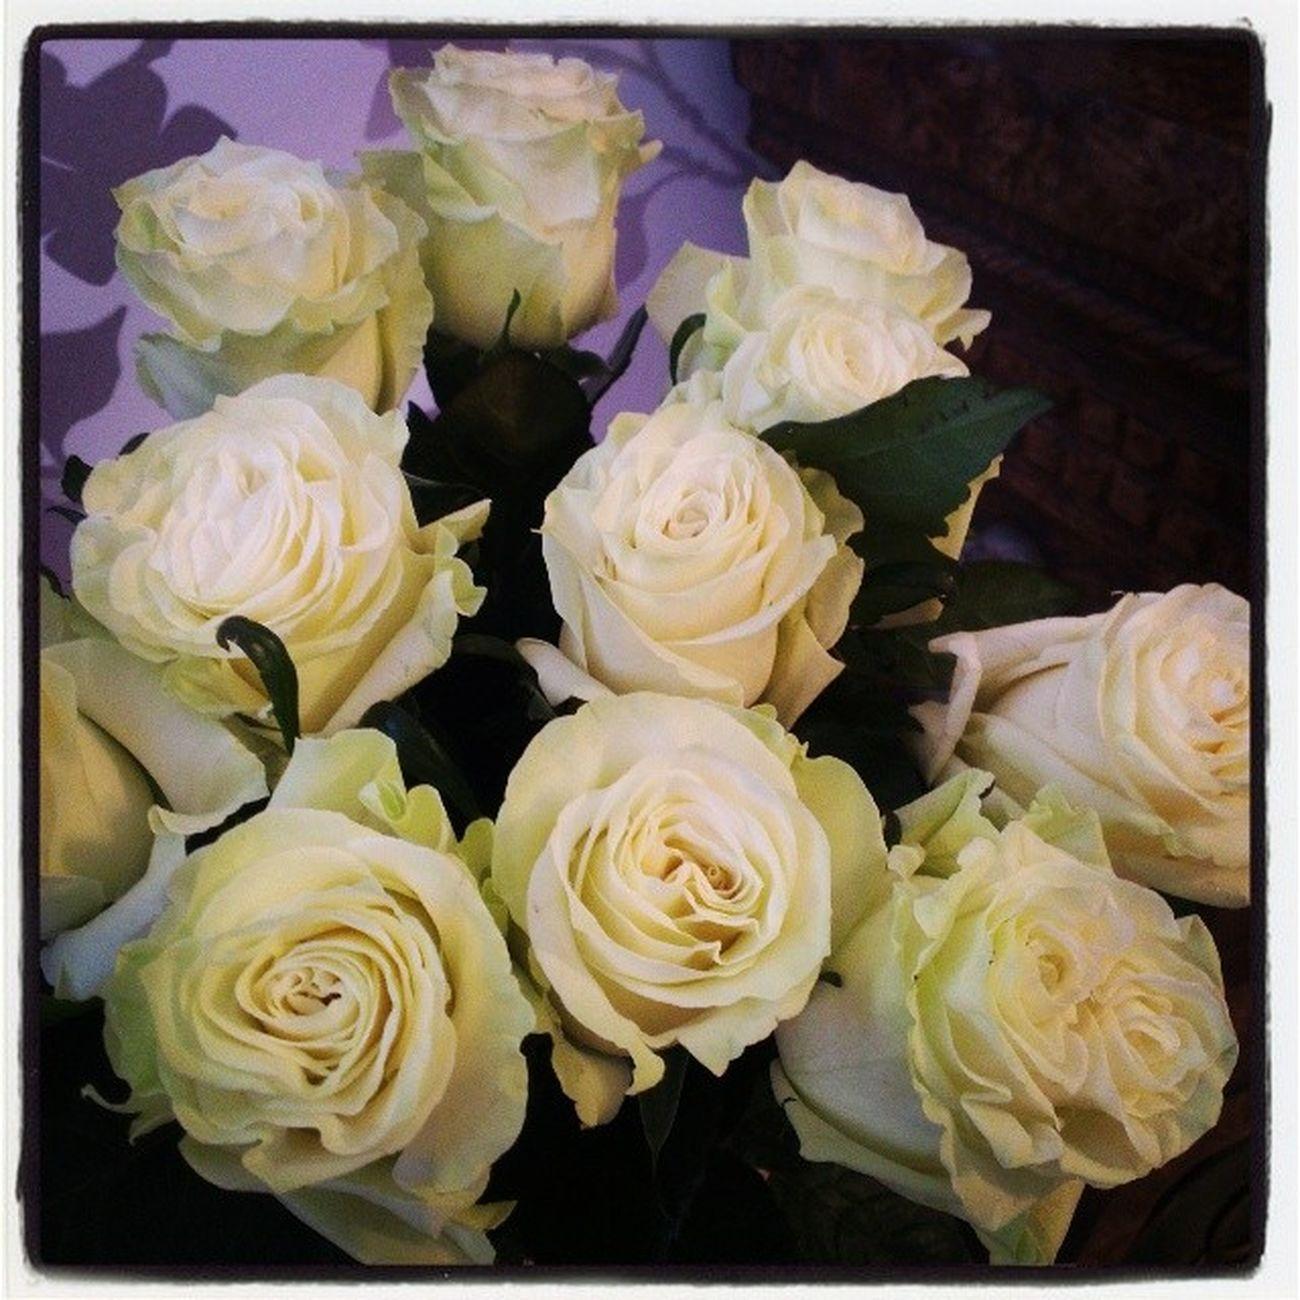 8марта цветы белыерозы поздравляю